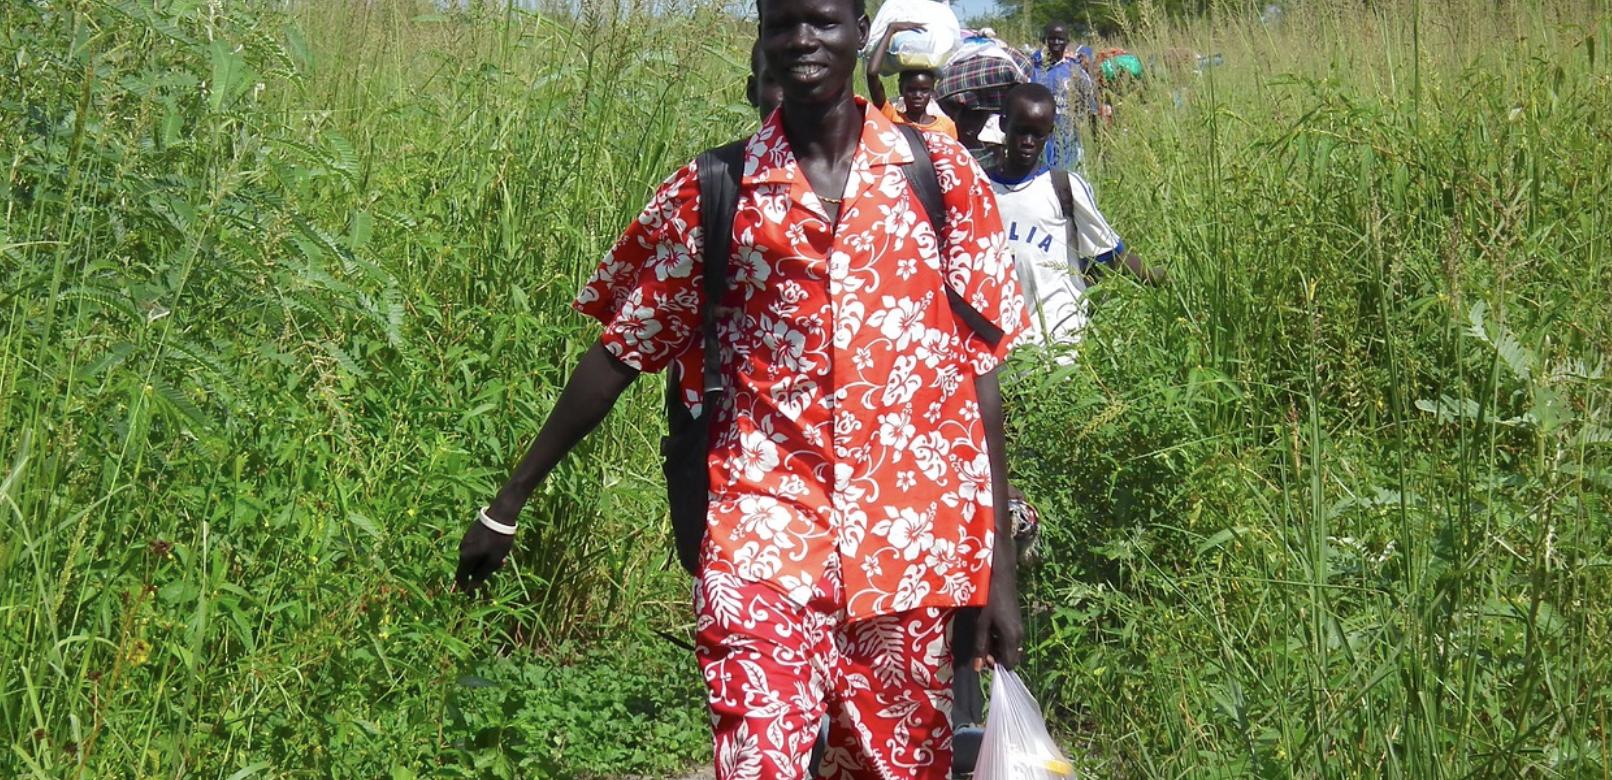 Le HCR sollicite 100 millions de dollars pour renforcer la protection, dans les pays africains, des réfugiés en route vers la Méditerranée